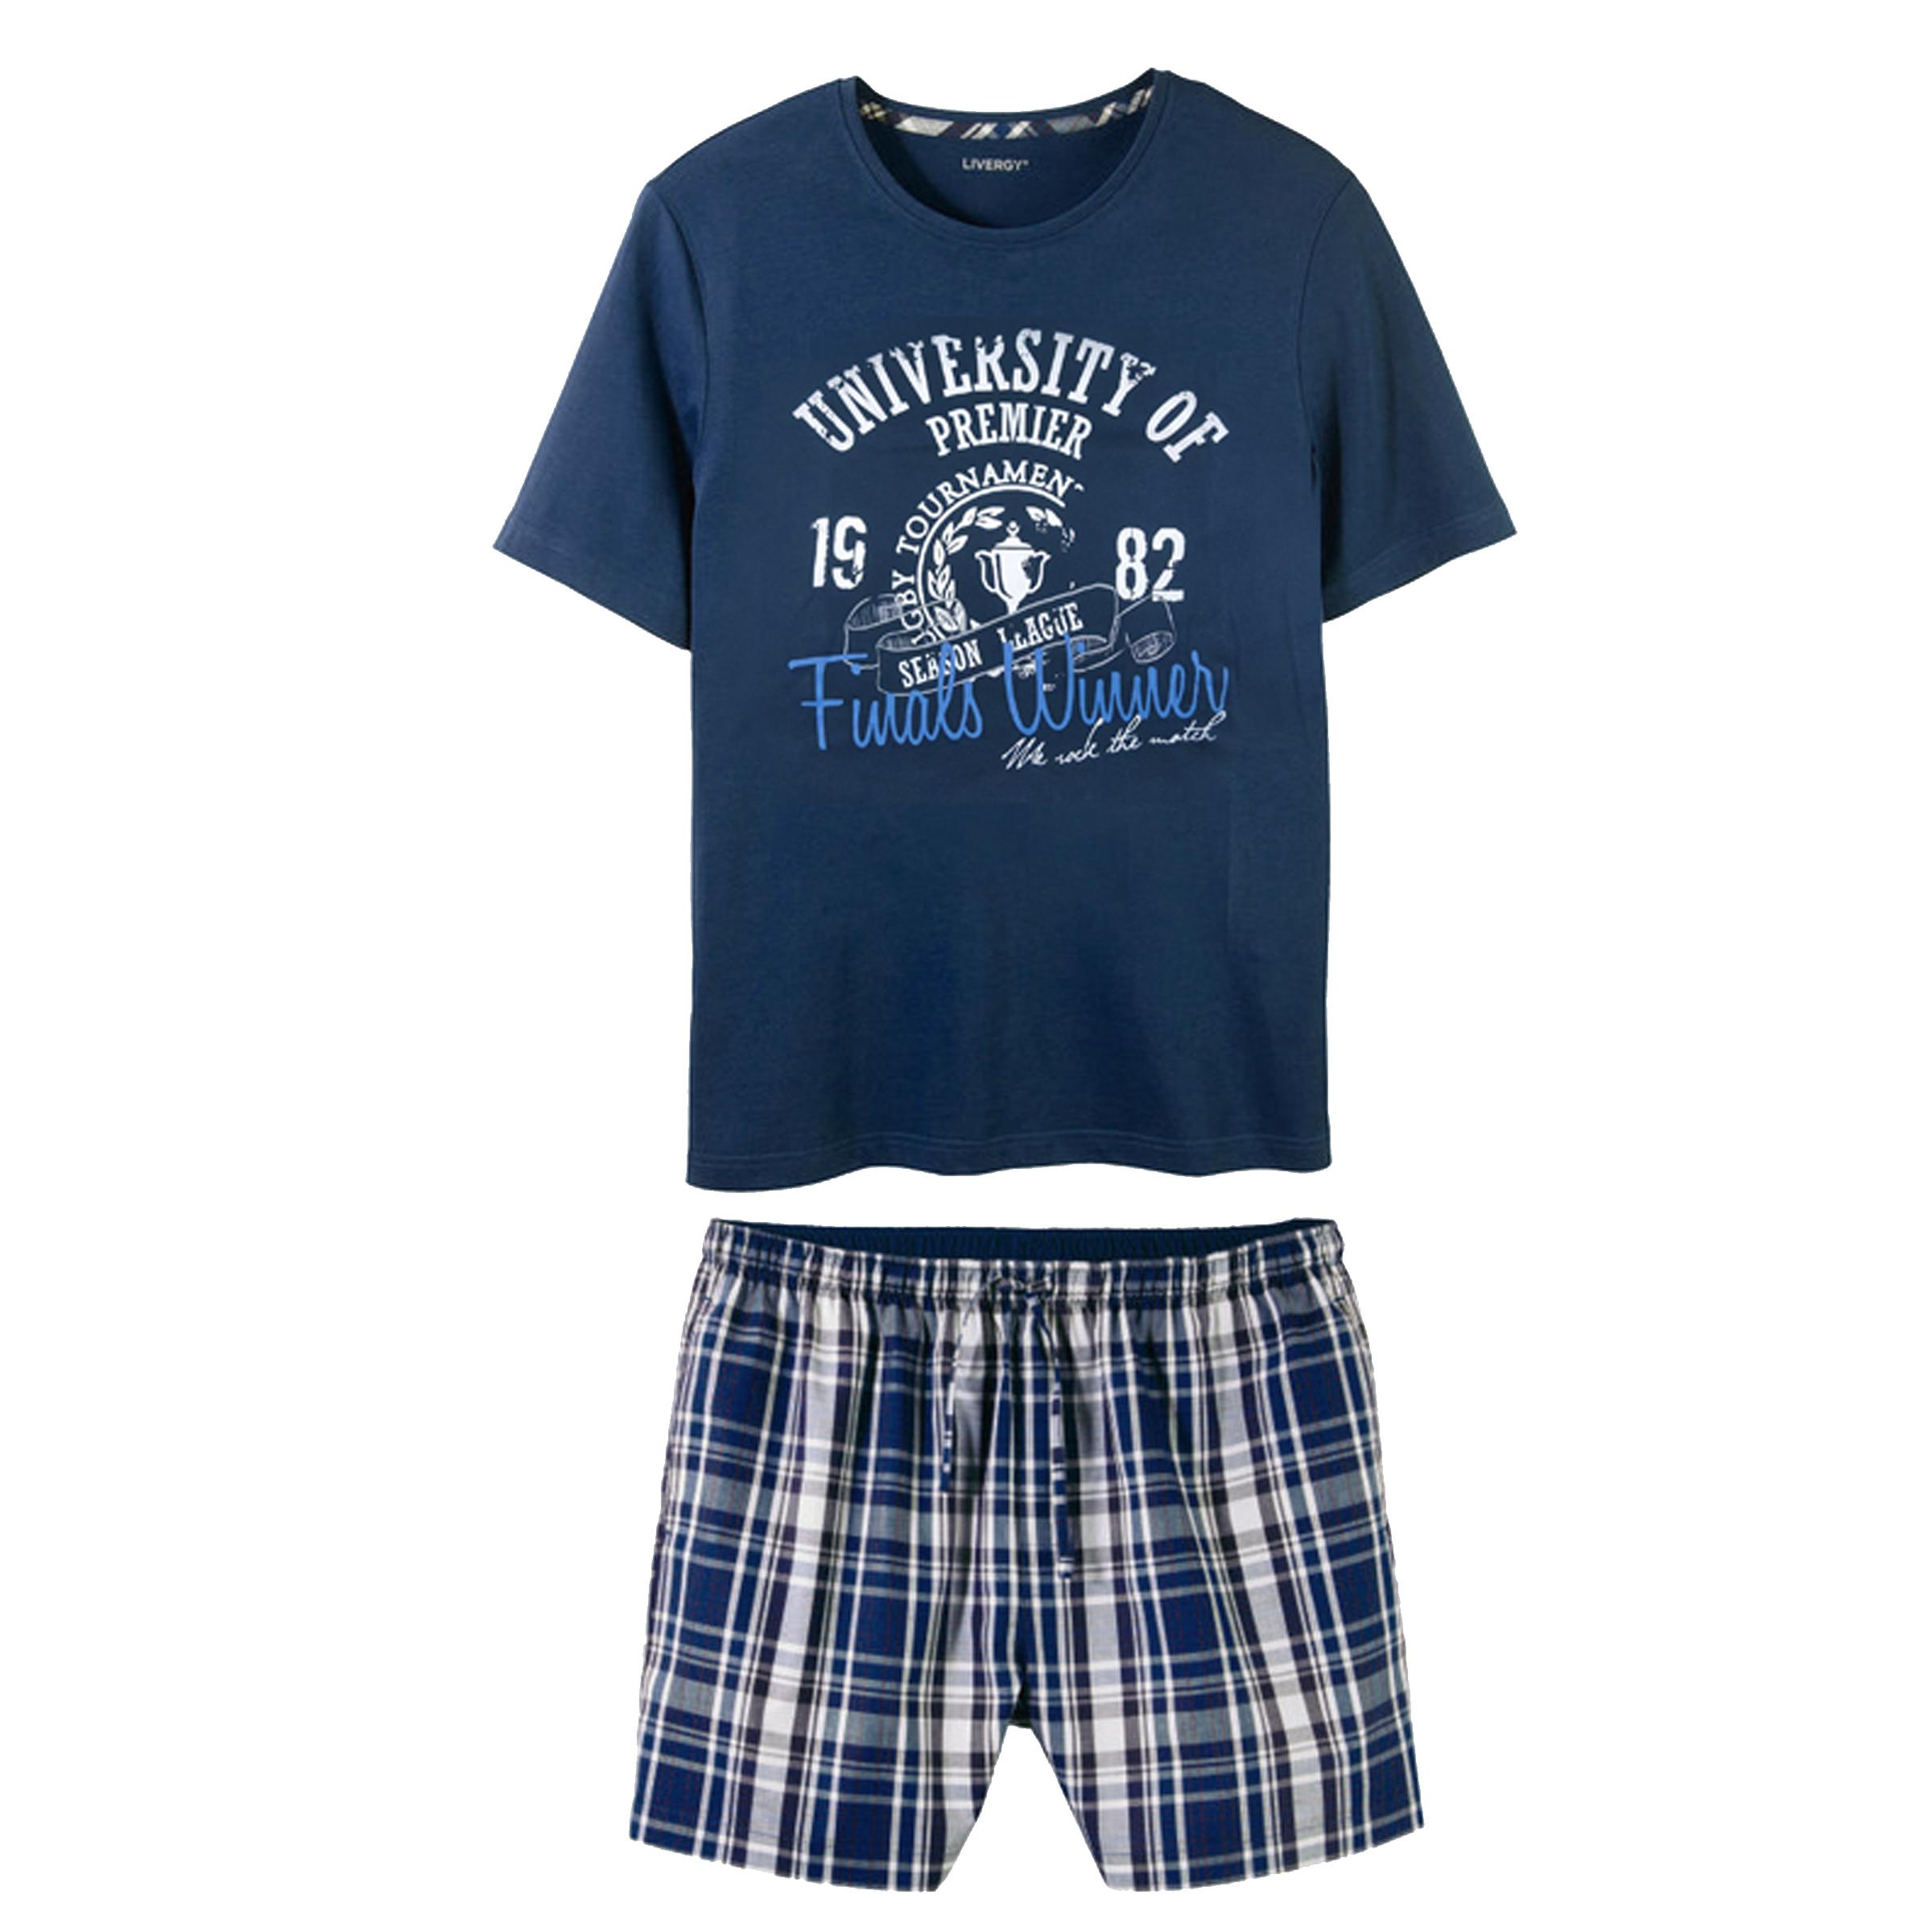 ست تی شرت و شلوارک مردانه لیورجی مدل BL275767